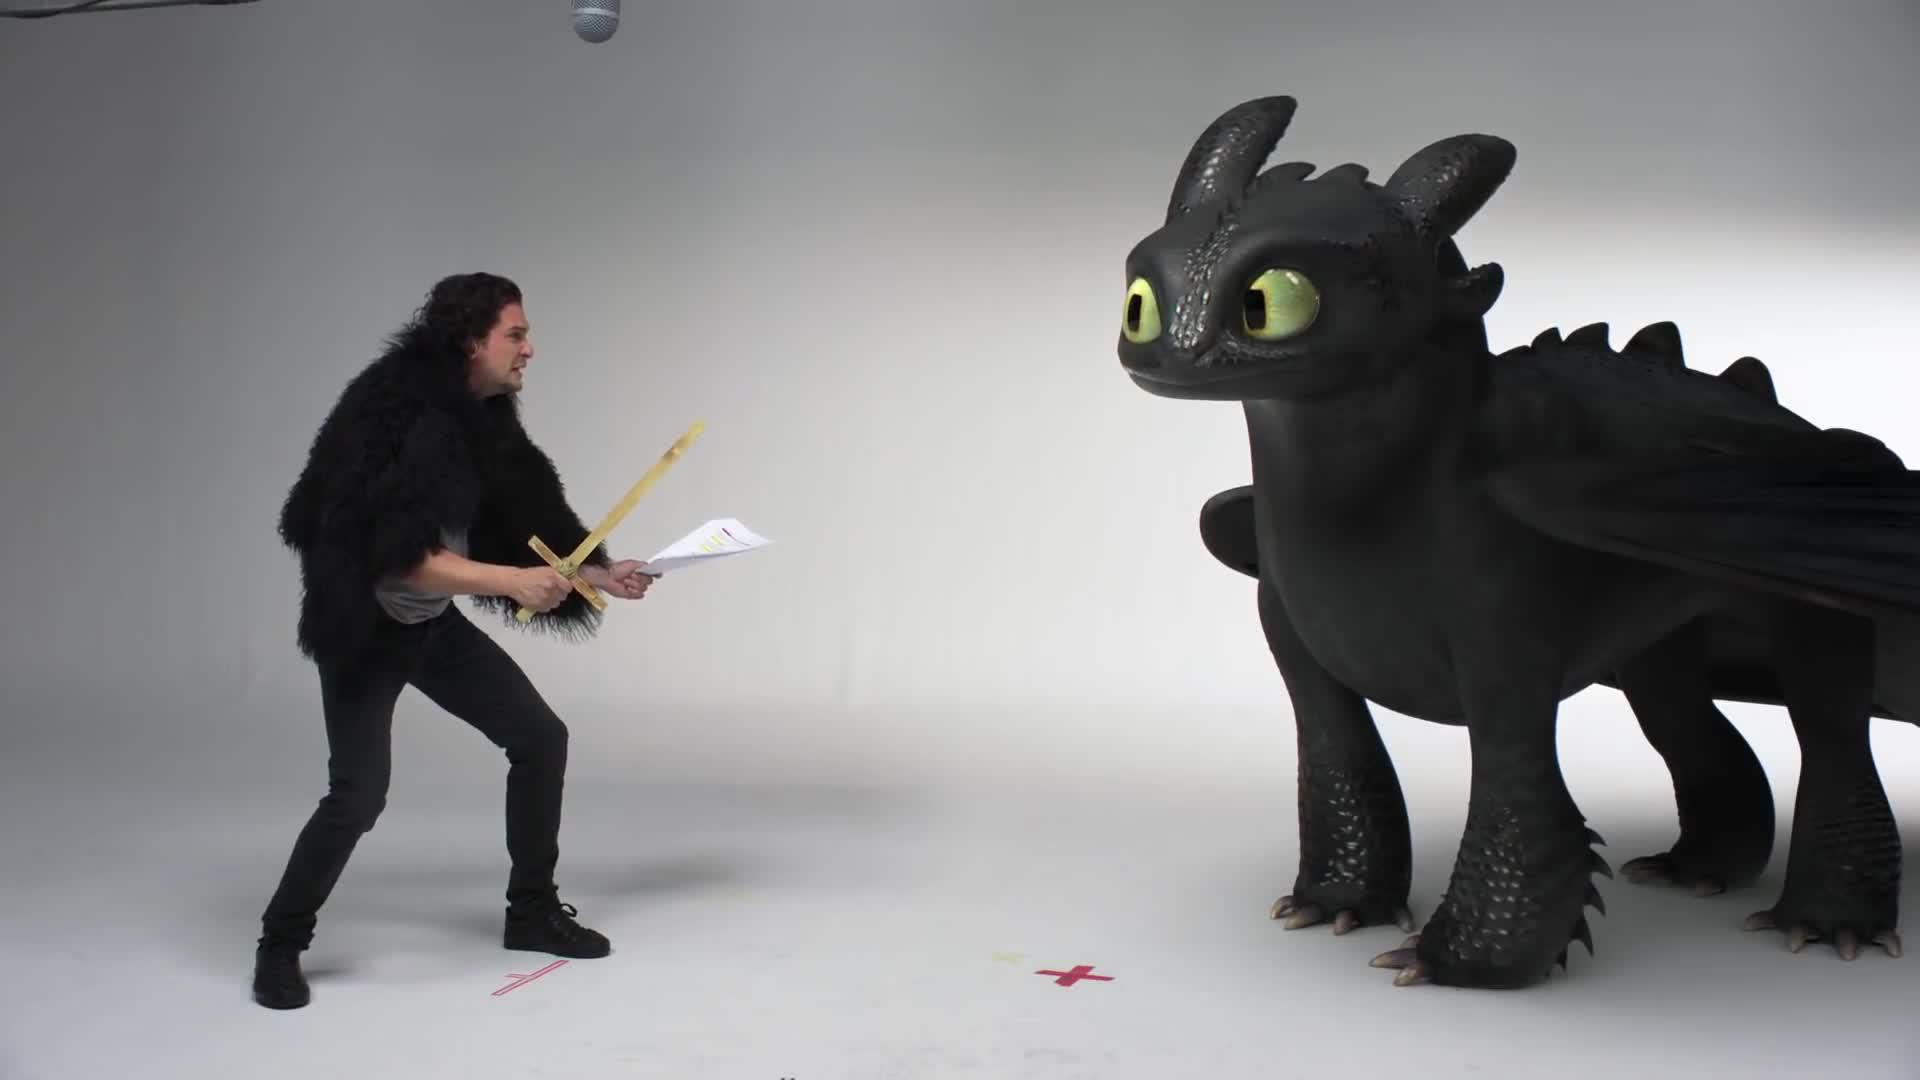 ausmalbilder dragons tagschatten  kostenlos zum ausdrucken